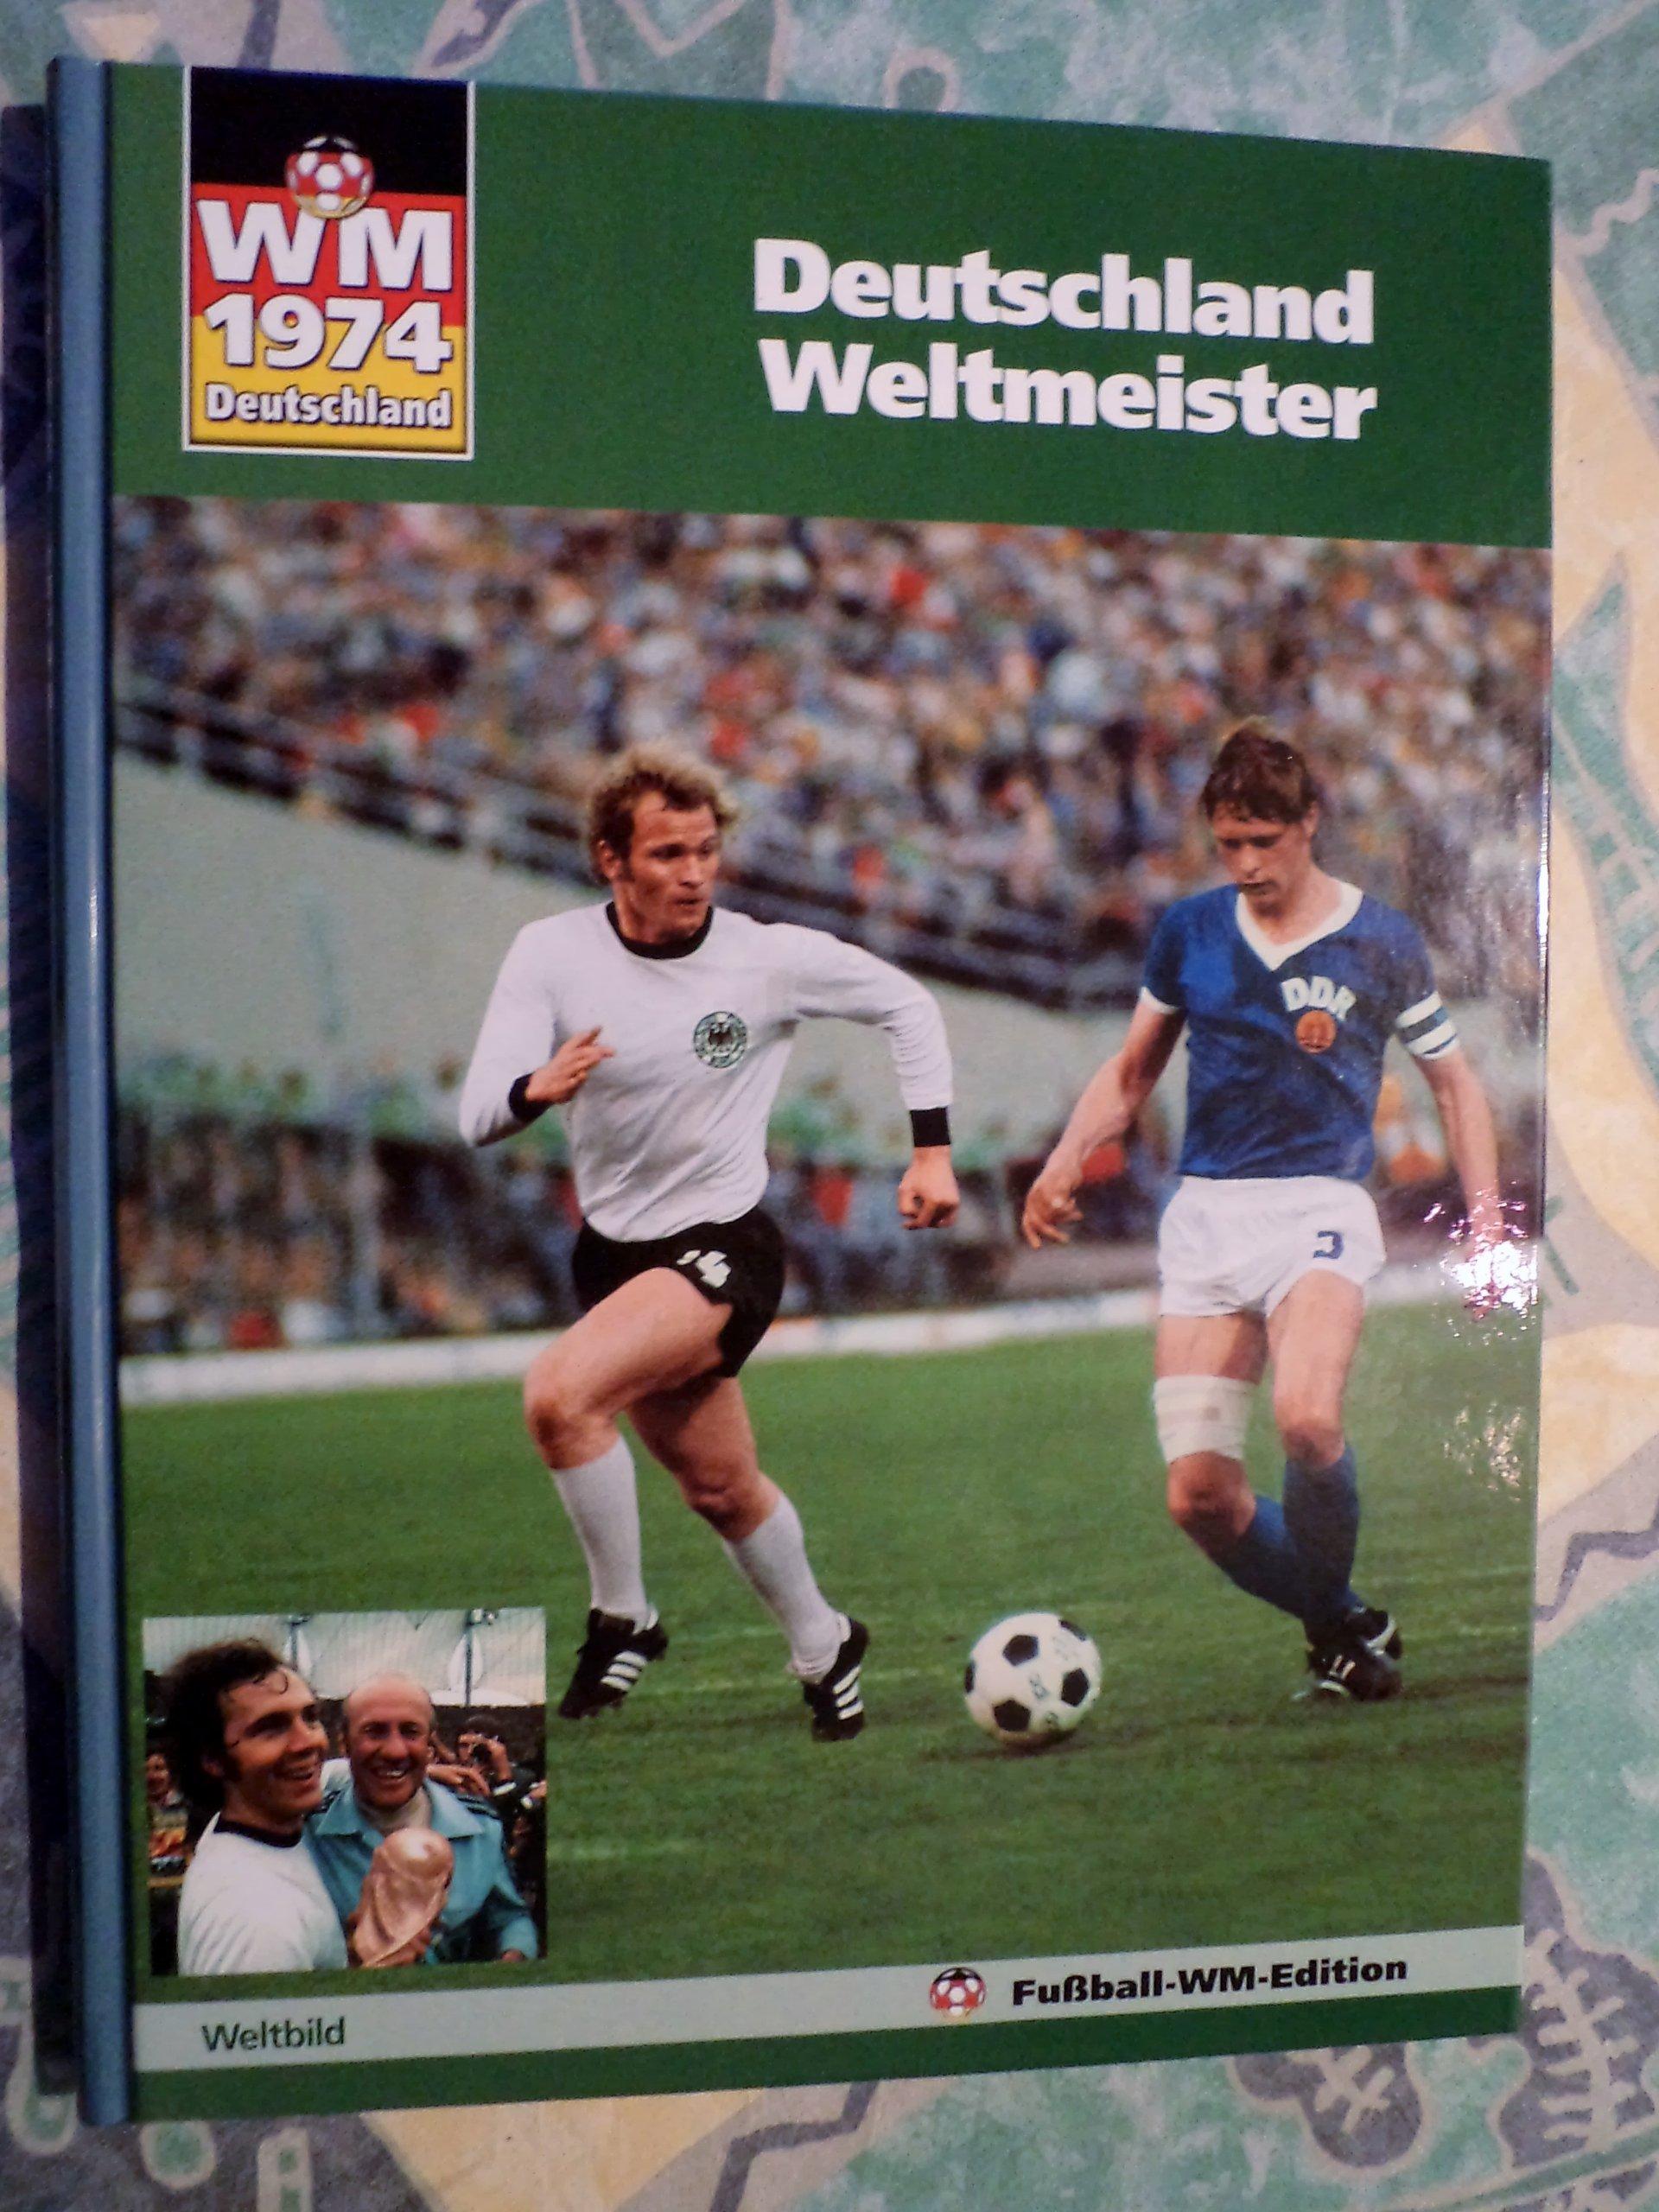 Deutschland Weltmeister Wm 1974 Deutschland Weltbild 2006